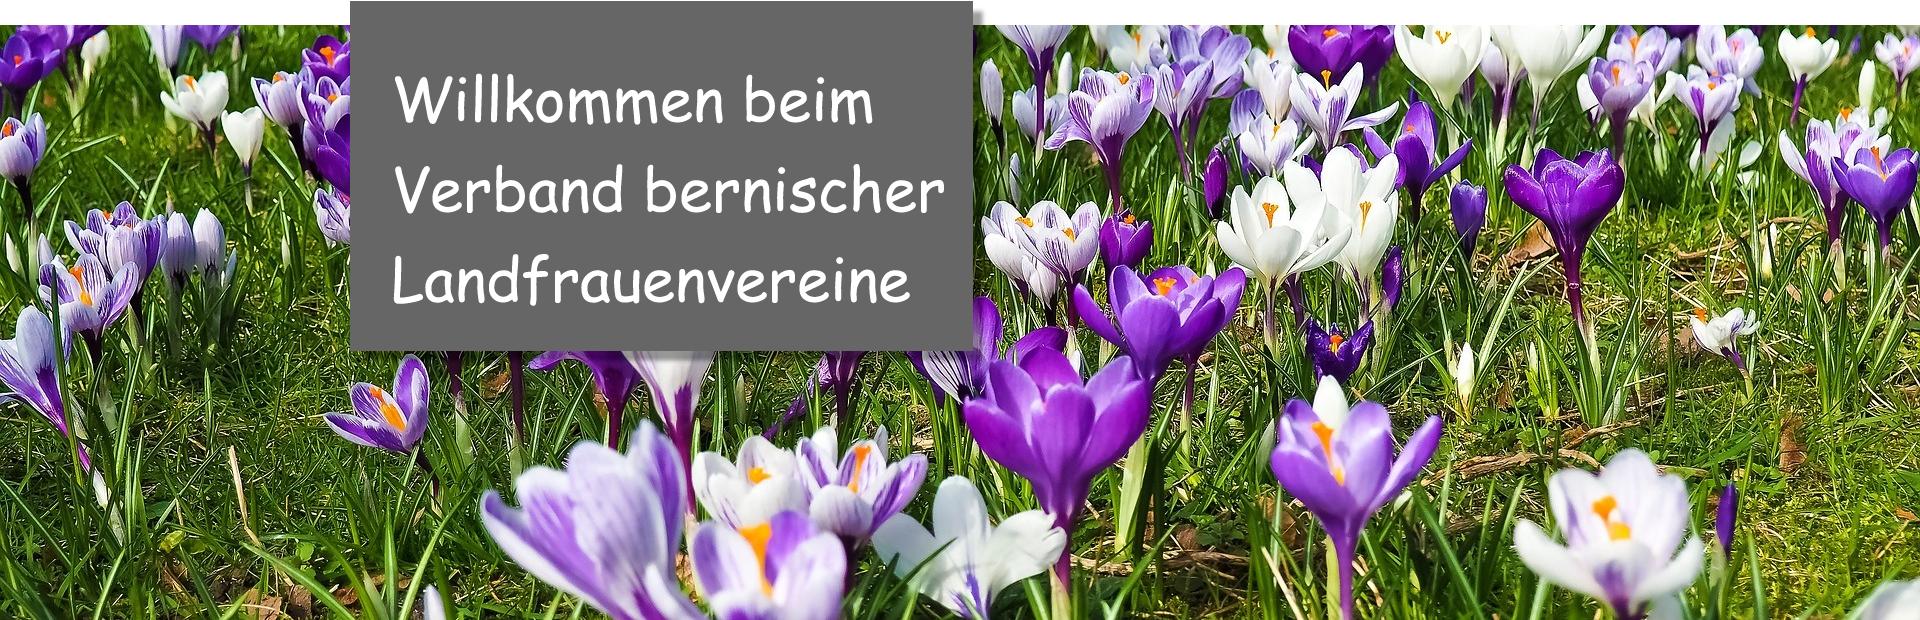 Krokusse_Willkommen